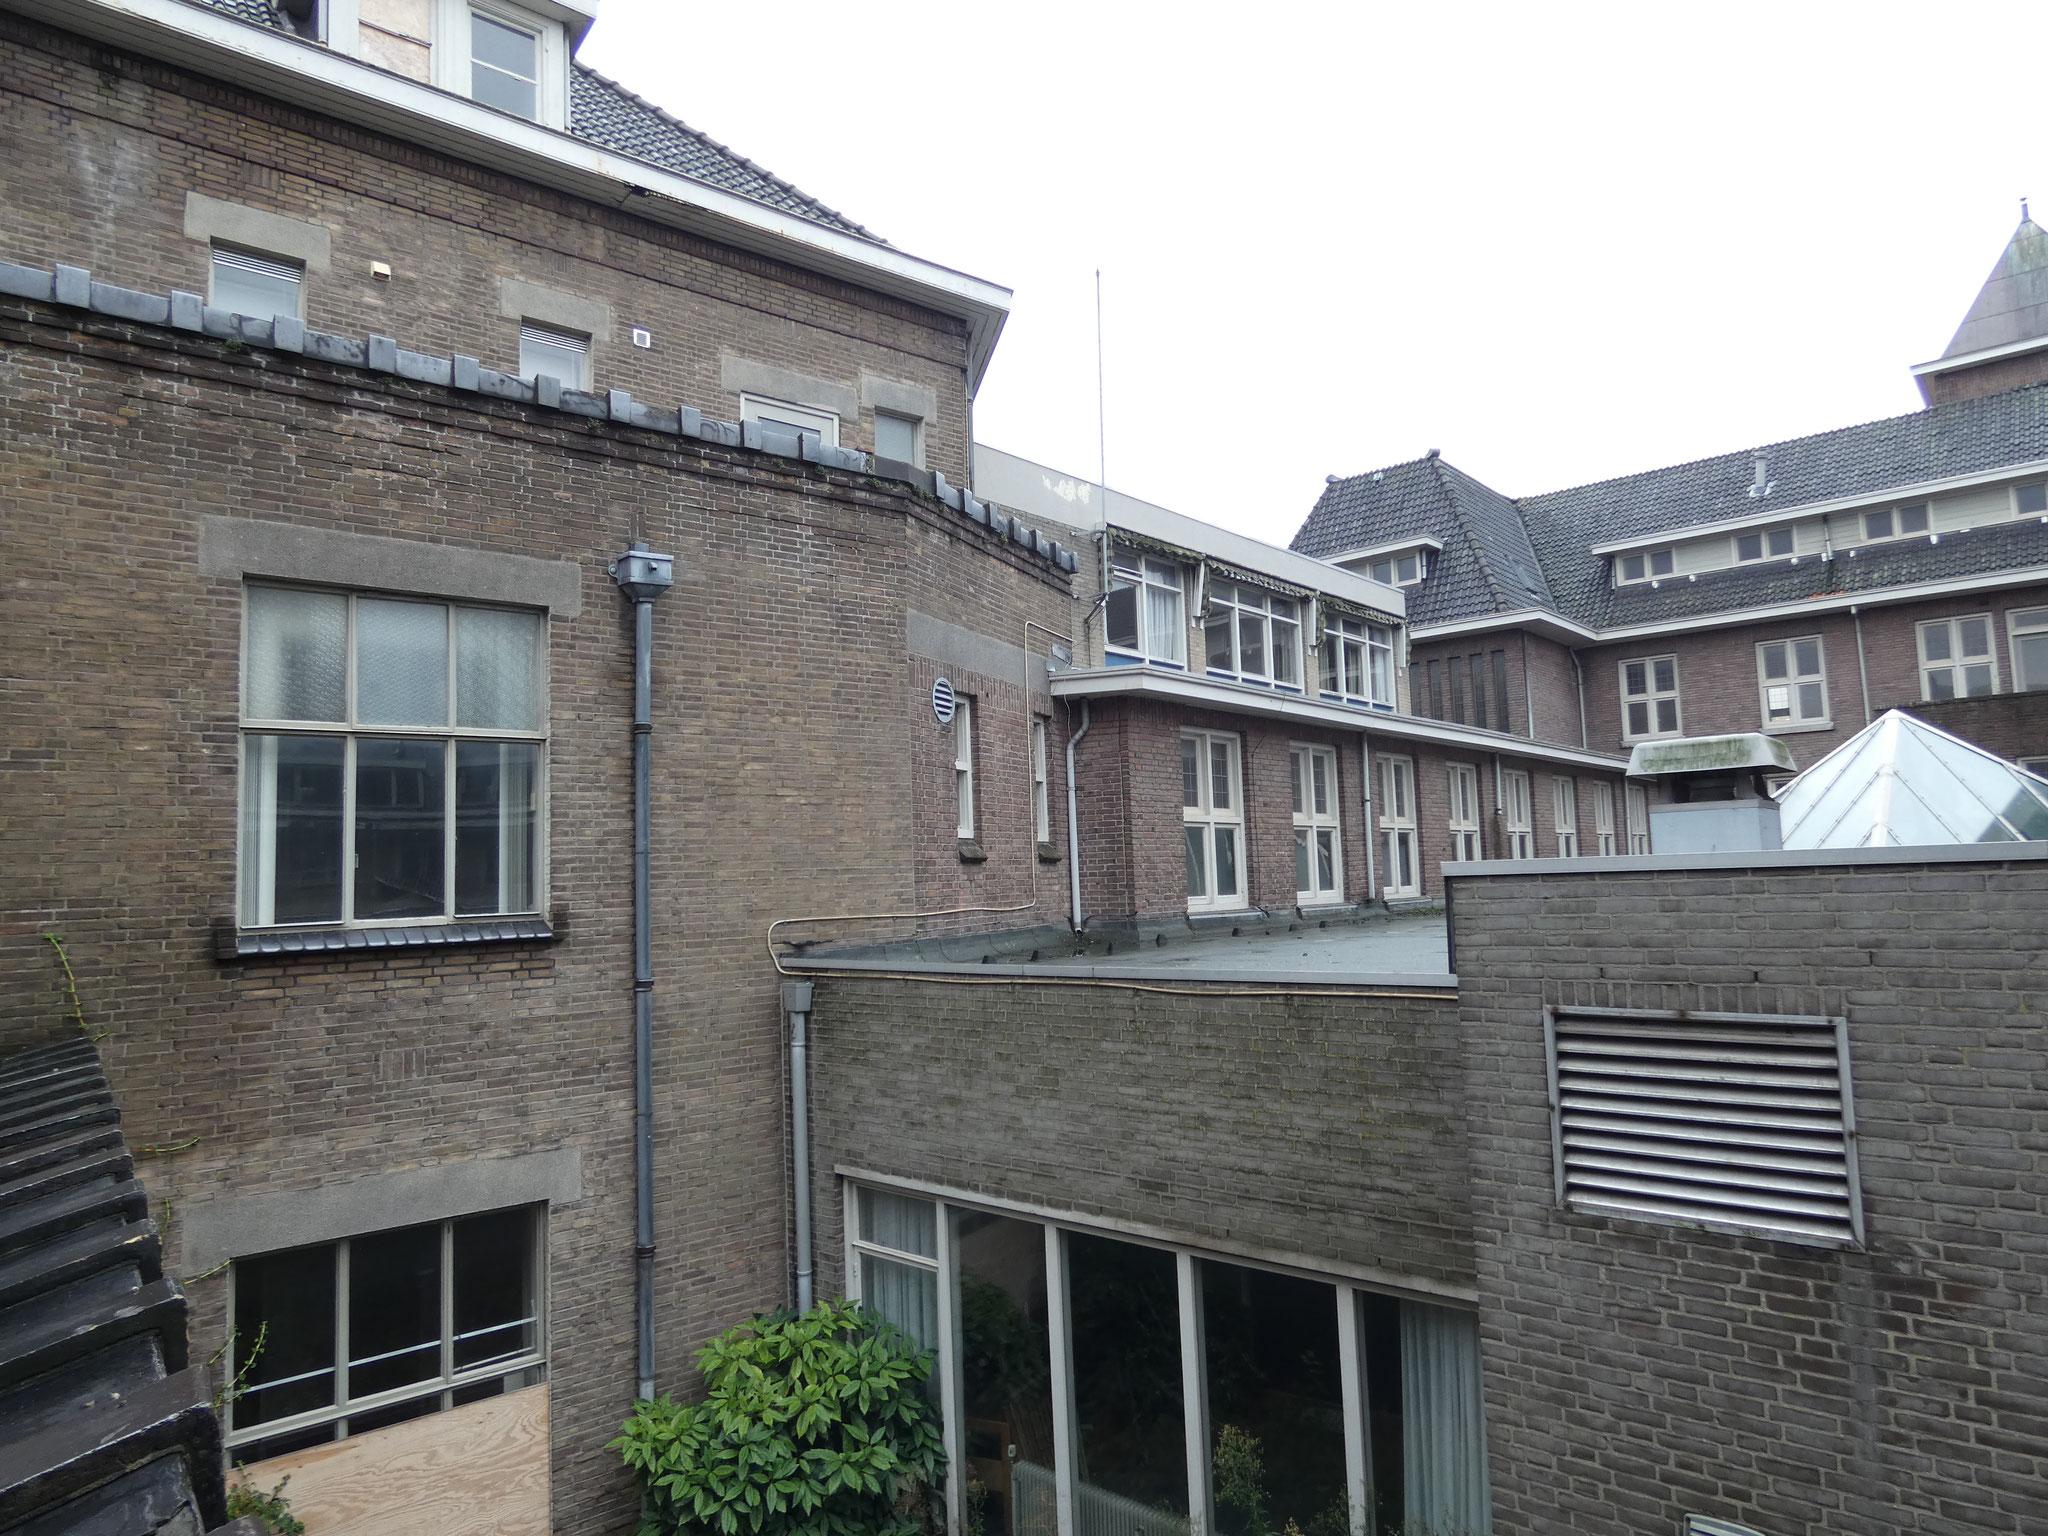 Hoofdgebouw, gezien vanaf het zusterhuis, met tussen de volumes latere toevoegingen.